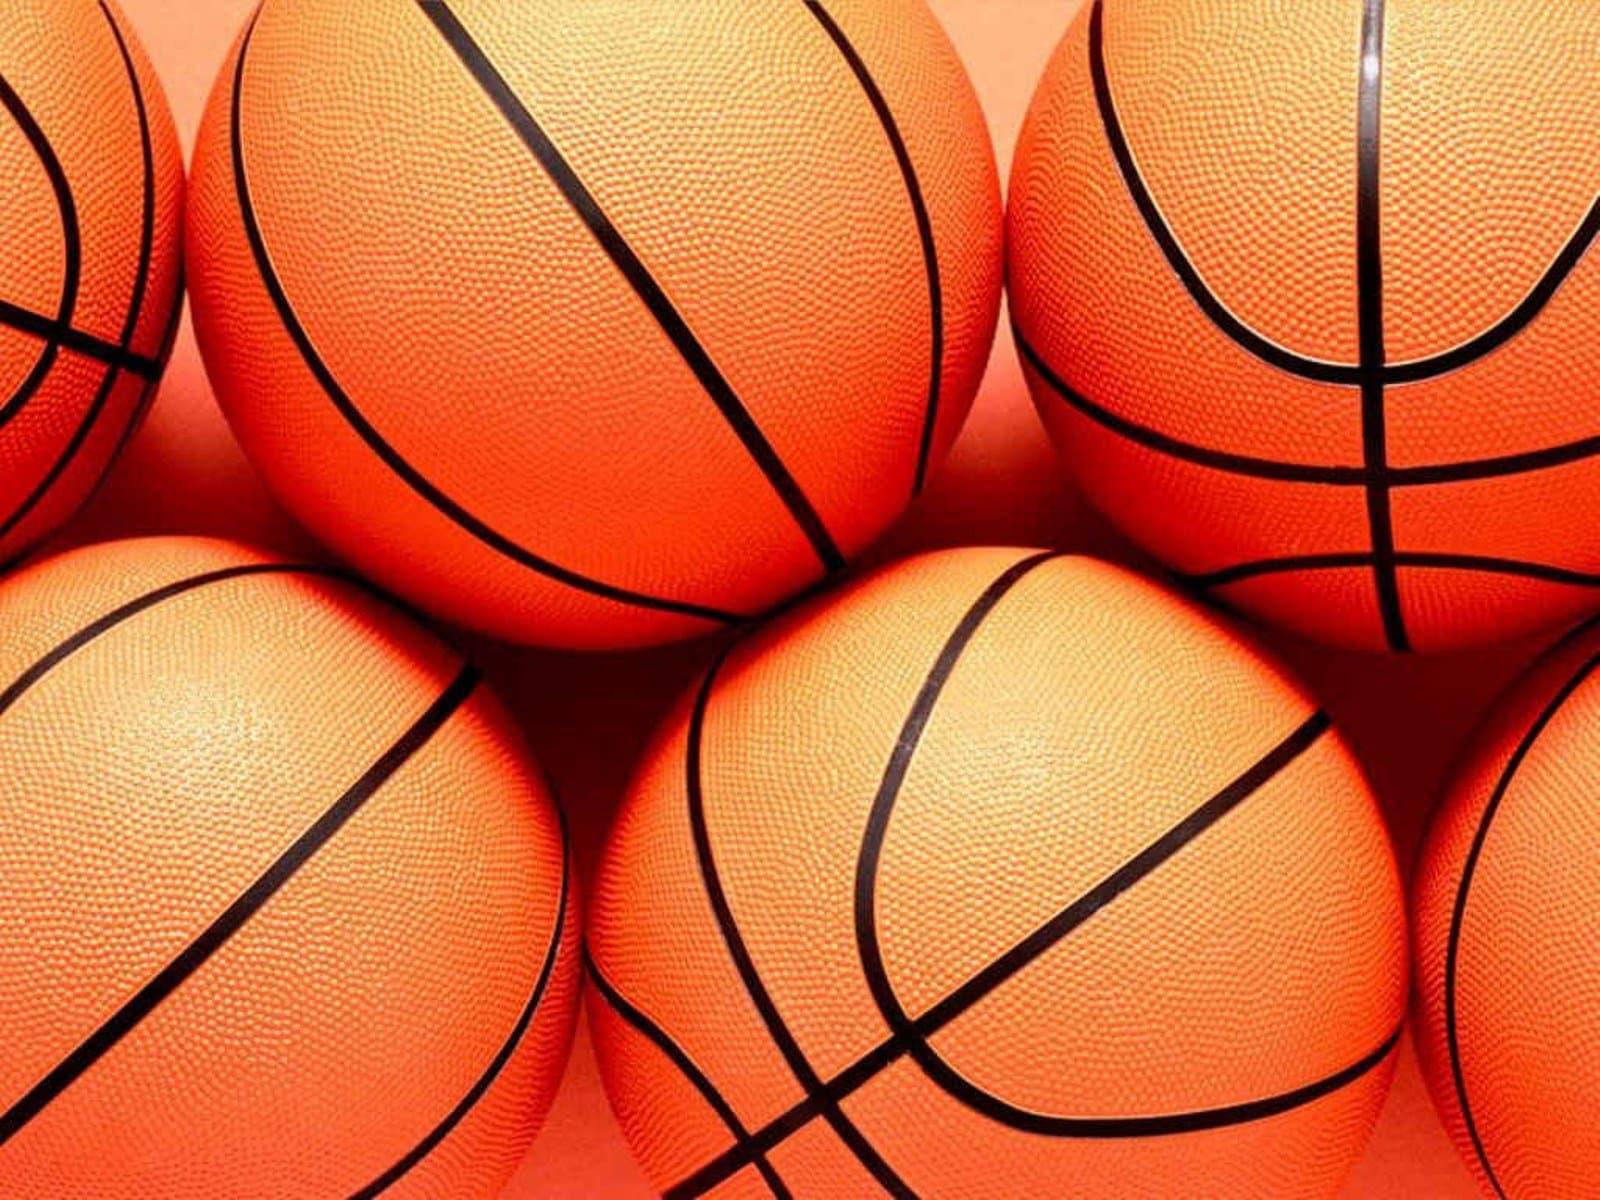 1332423228_basket-tit